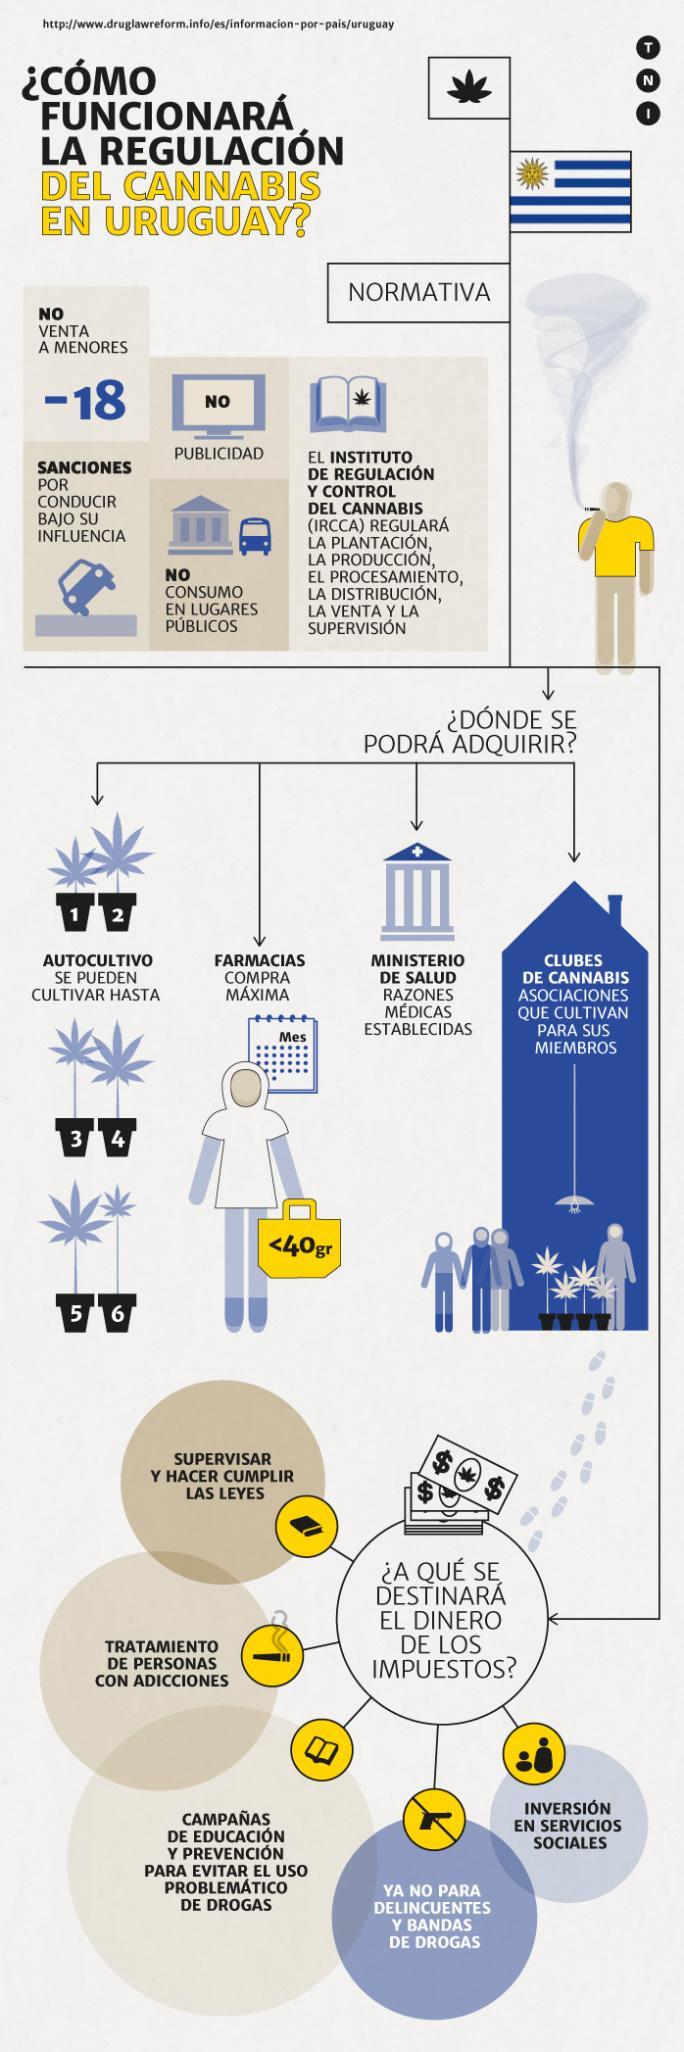 Como funcionará la regulación de cannabis en Uruguay?